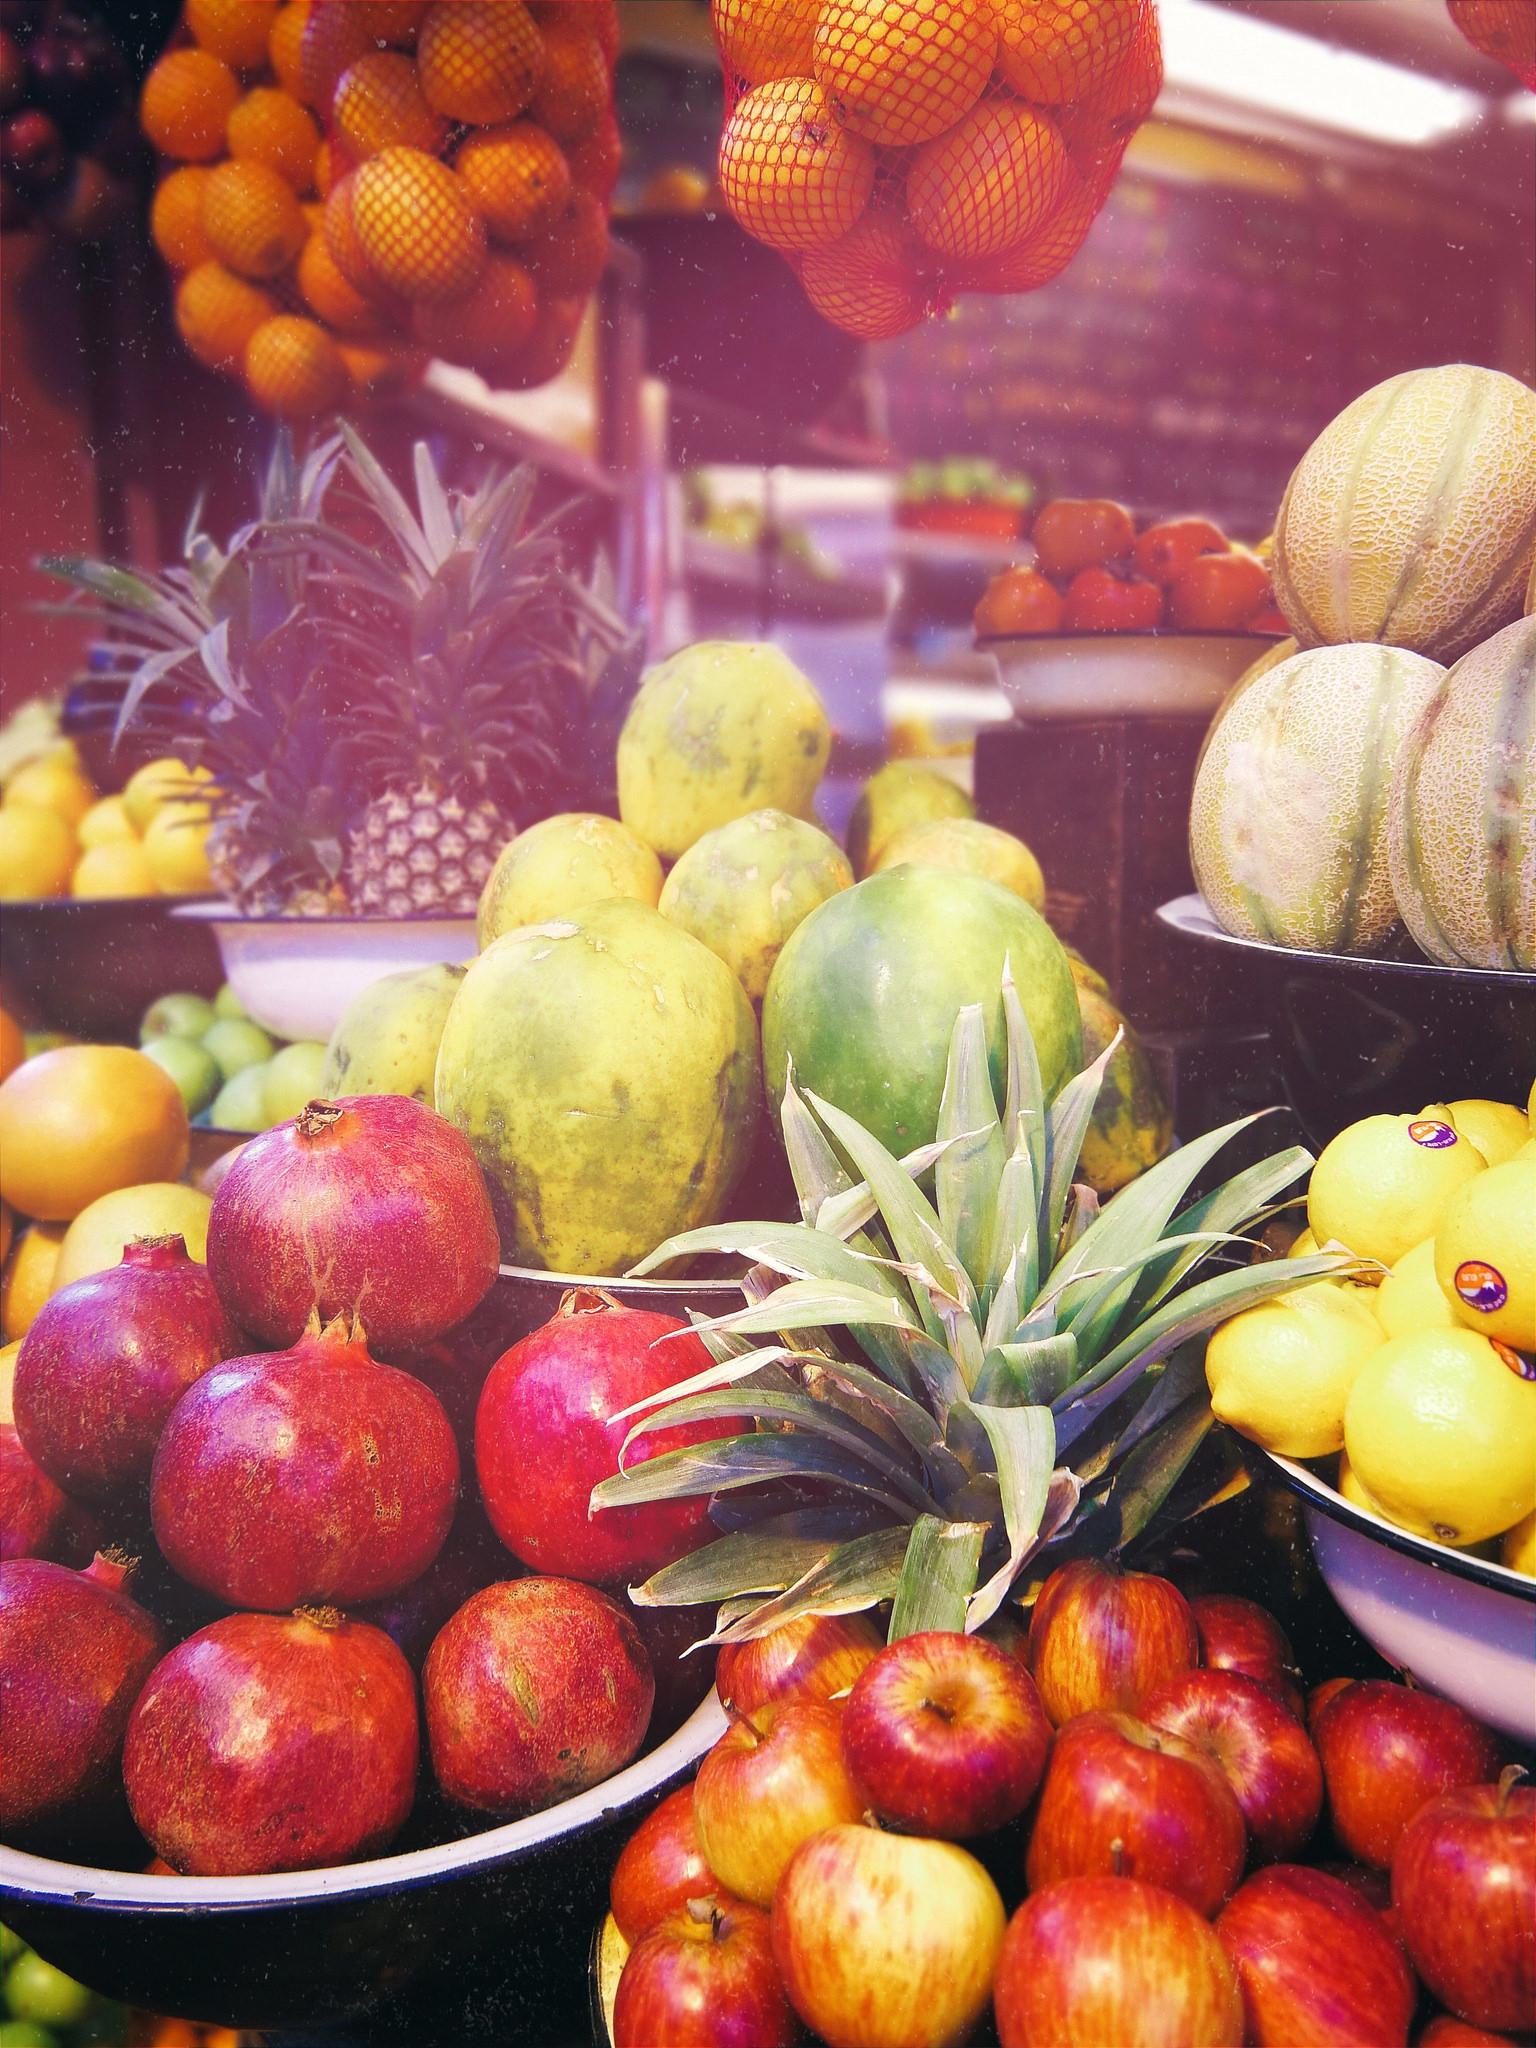 Juicy fruits!